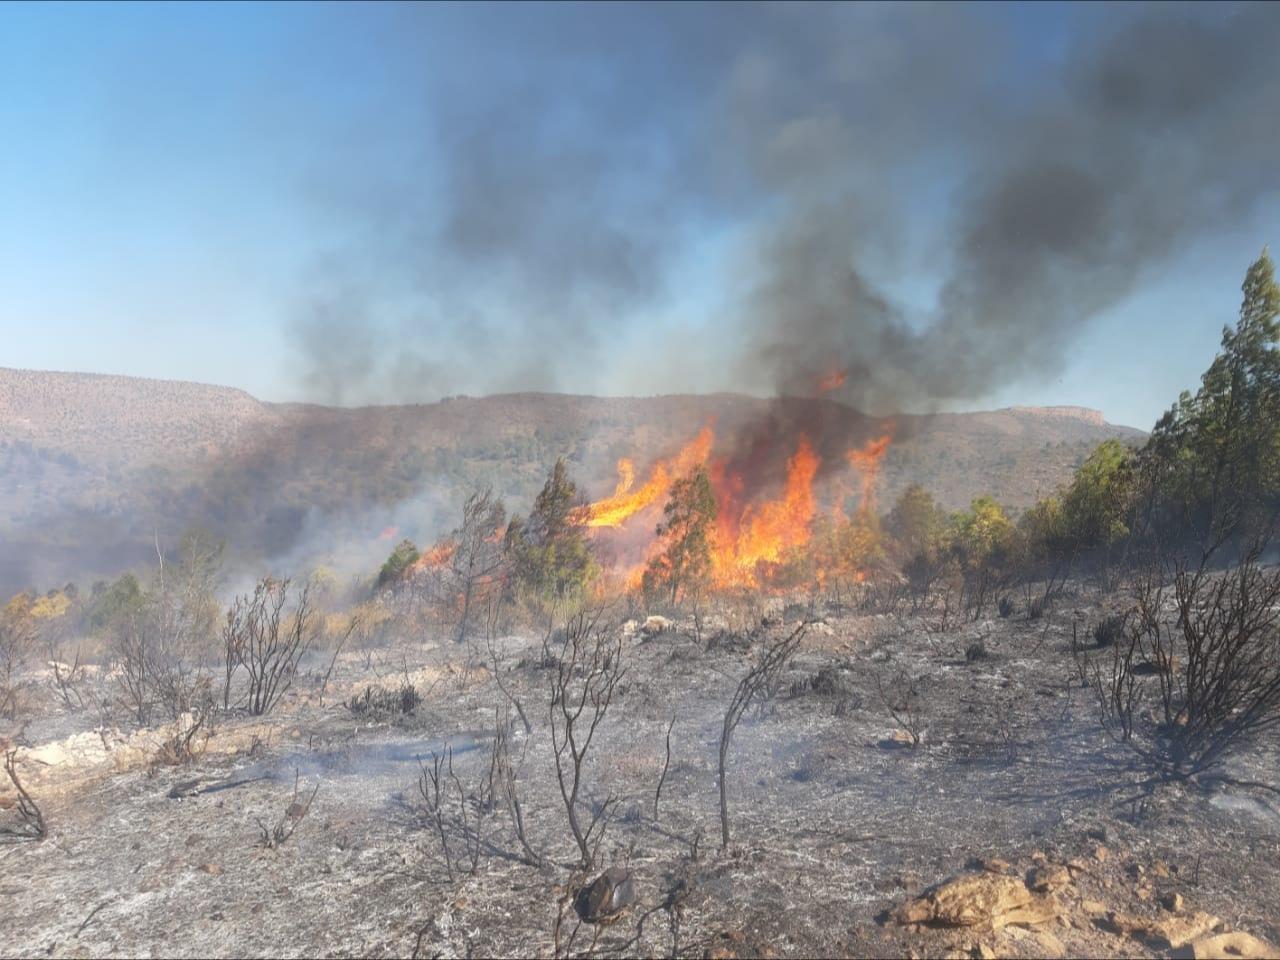 نشوب حريق على مساحة 3 هكتار للمرة الثانية في ظروف غامضة